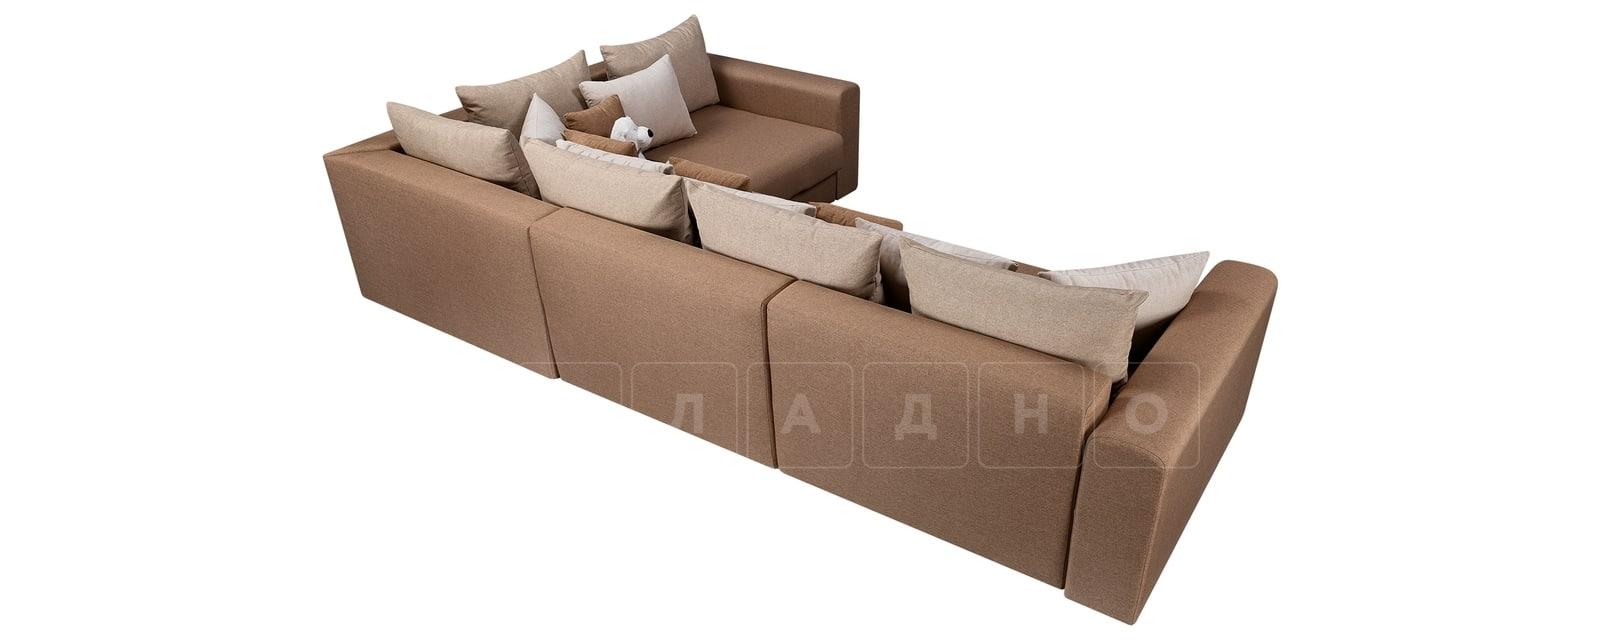 Угловой диван Медисон коричневый 345х224 см фото 3 | интернет-магазин Складно